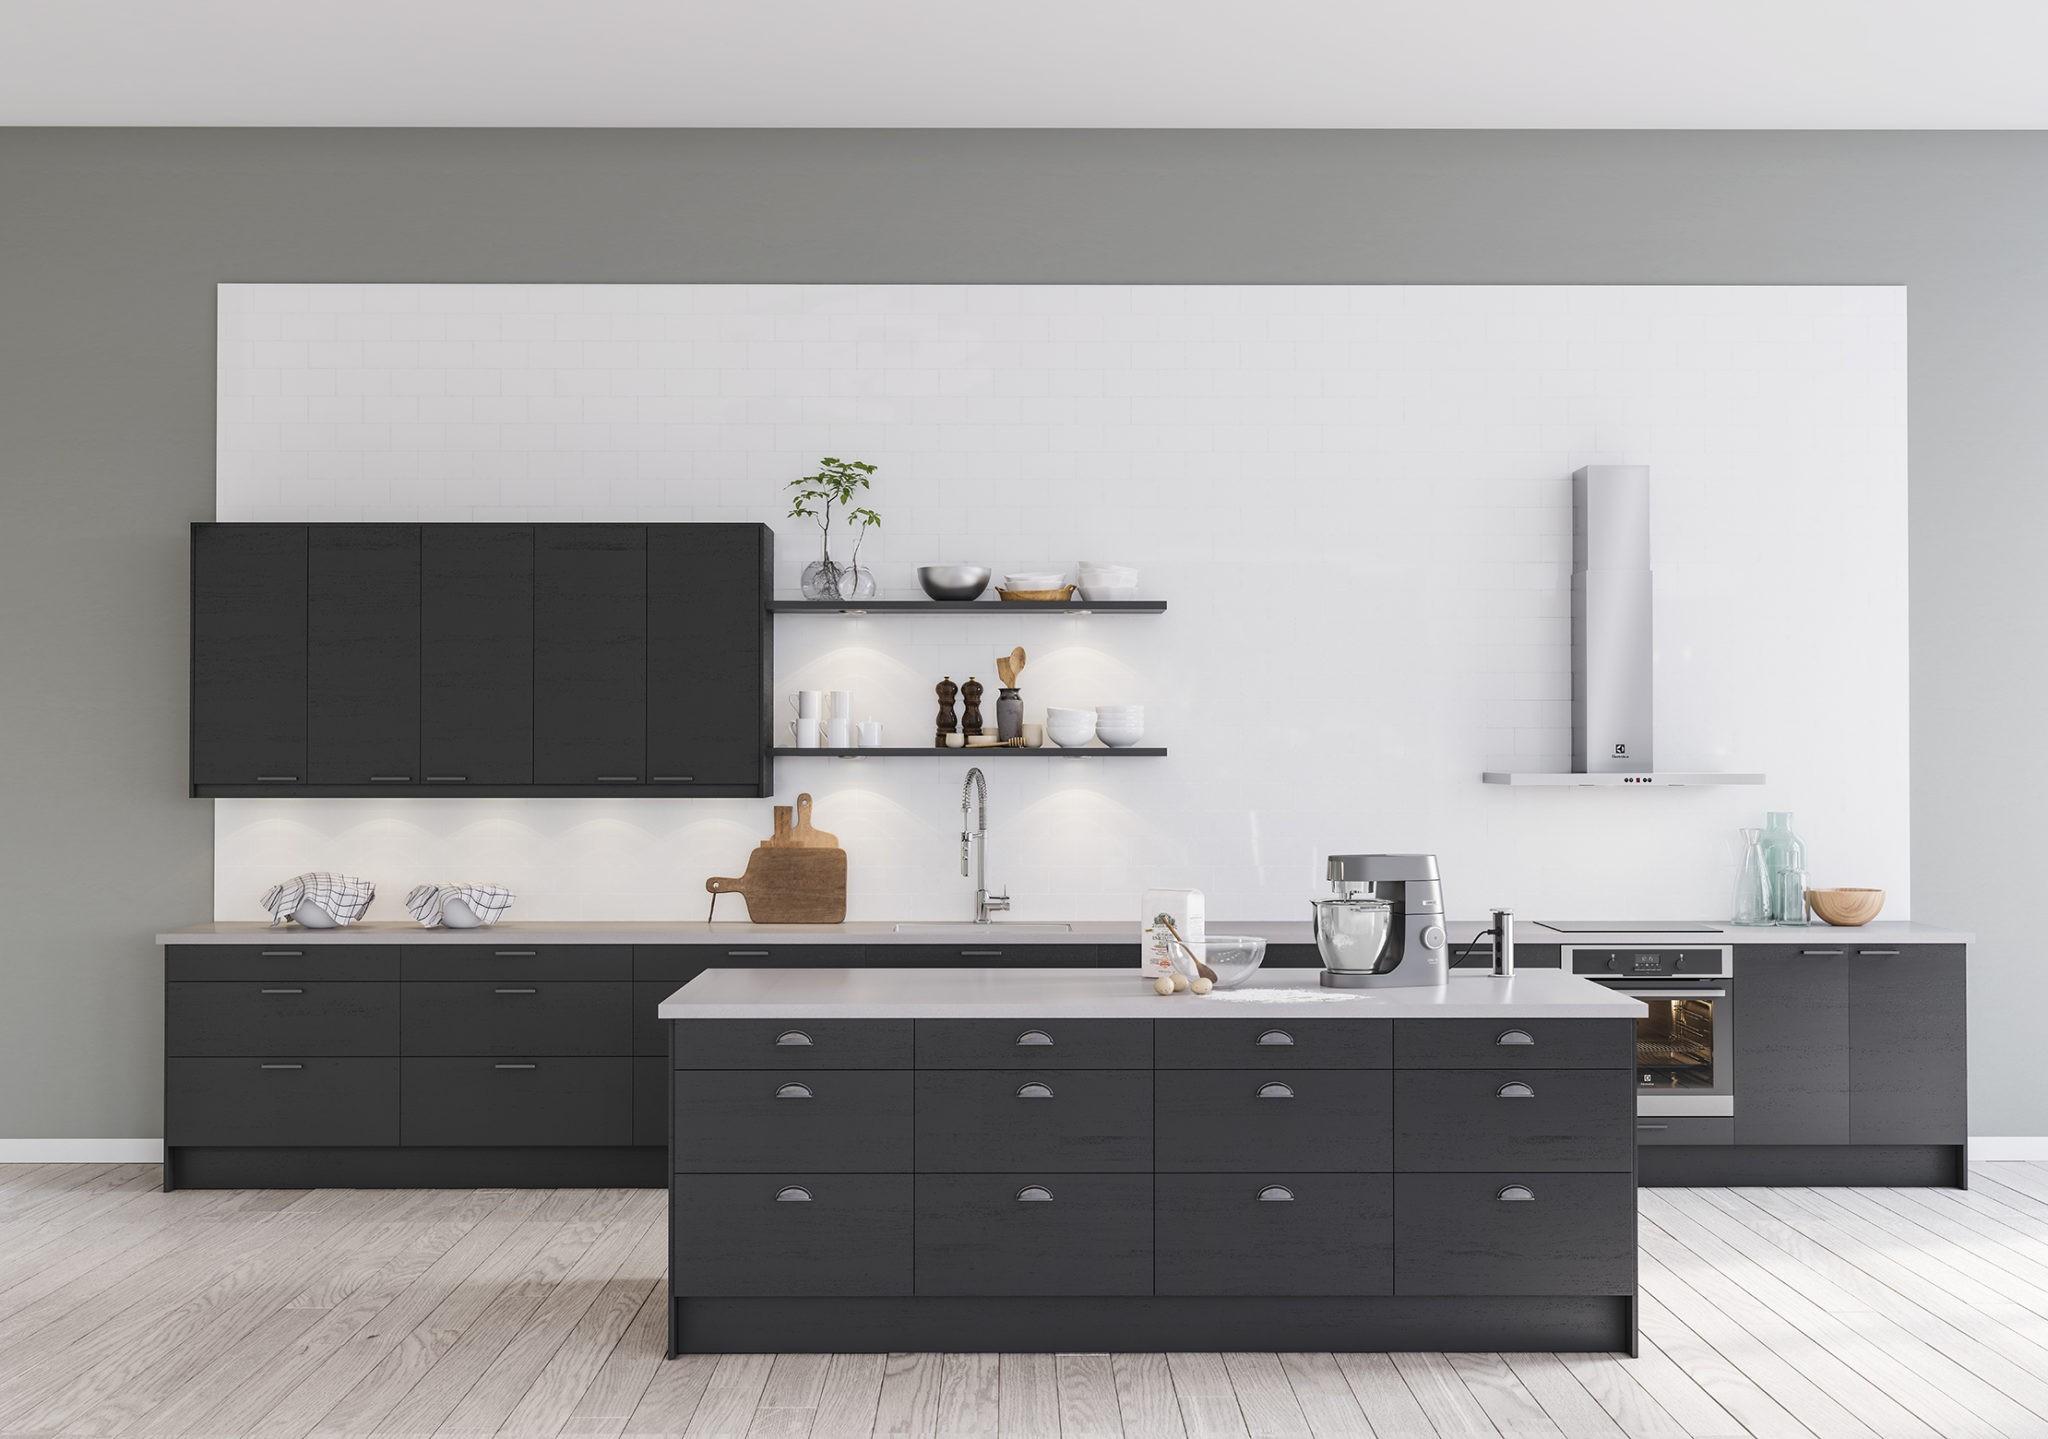 Köksinspiration - Edge - Genuint och stramt kök från Epoq hos Elgiganten